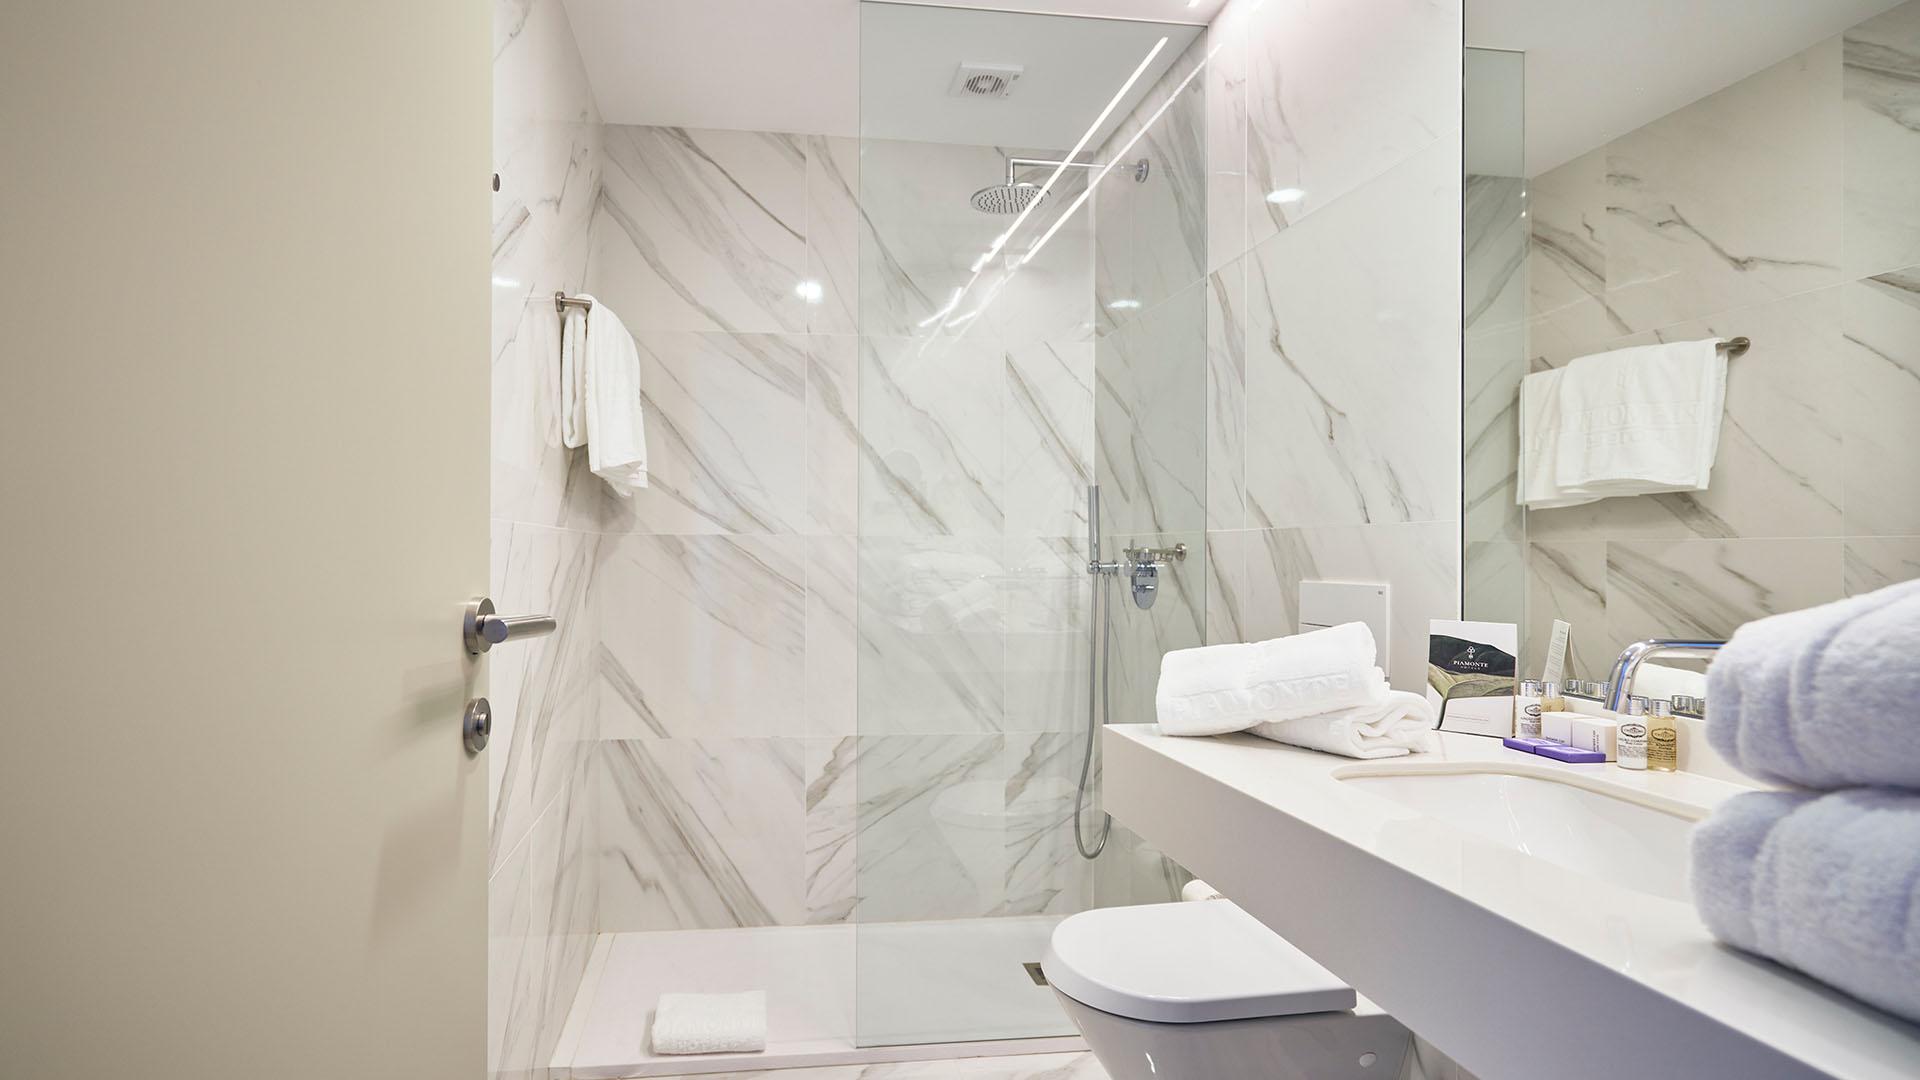 Quarto de banho - Ribeira Collection Hotel